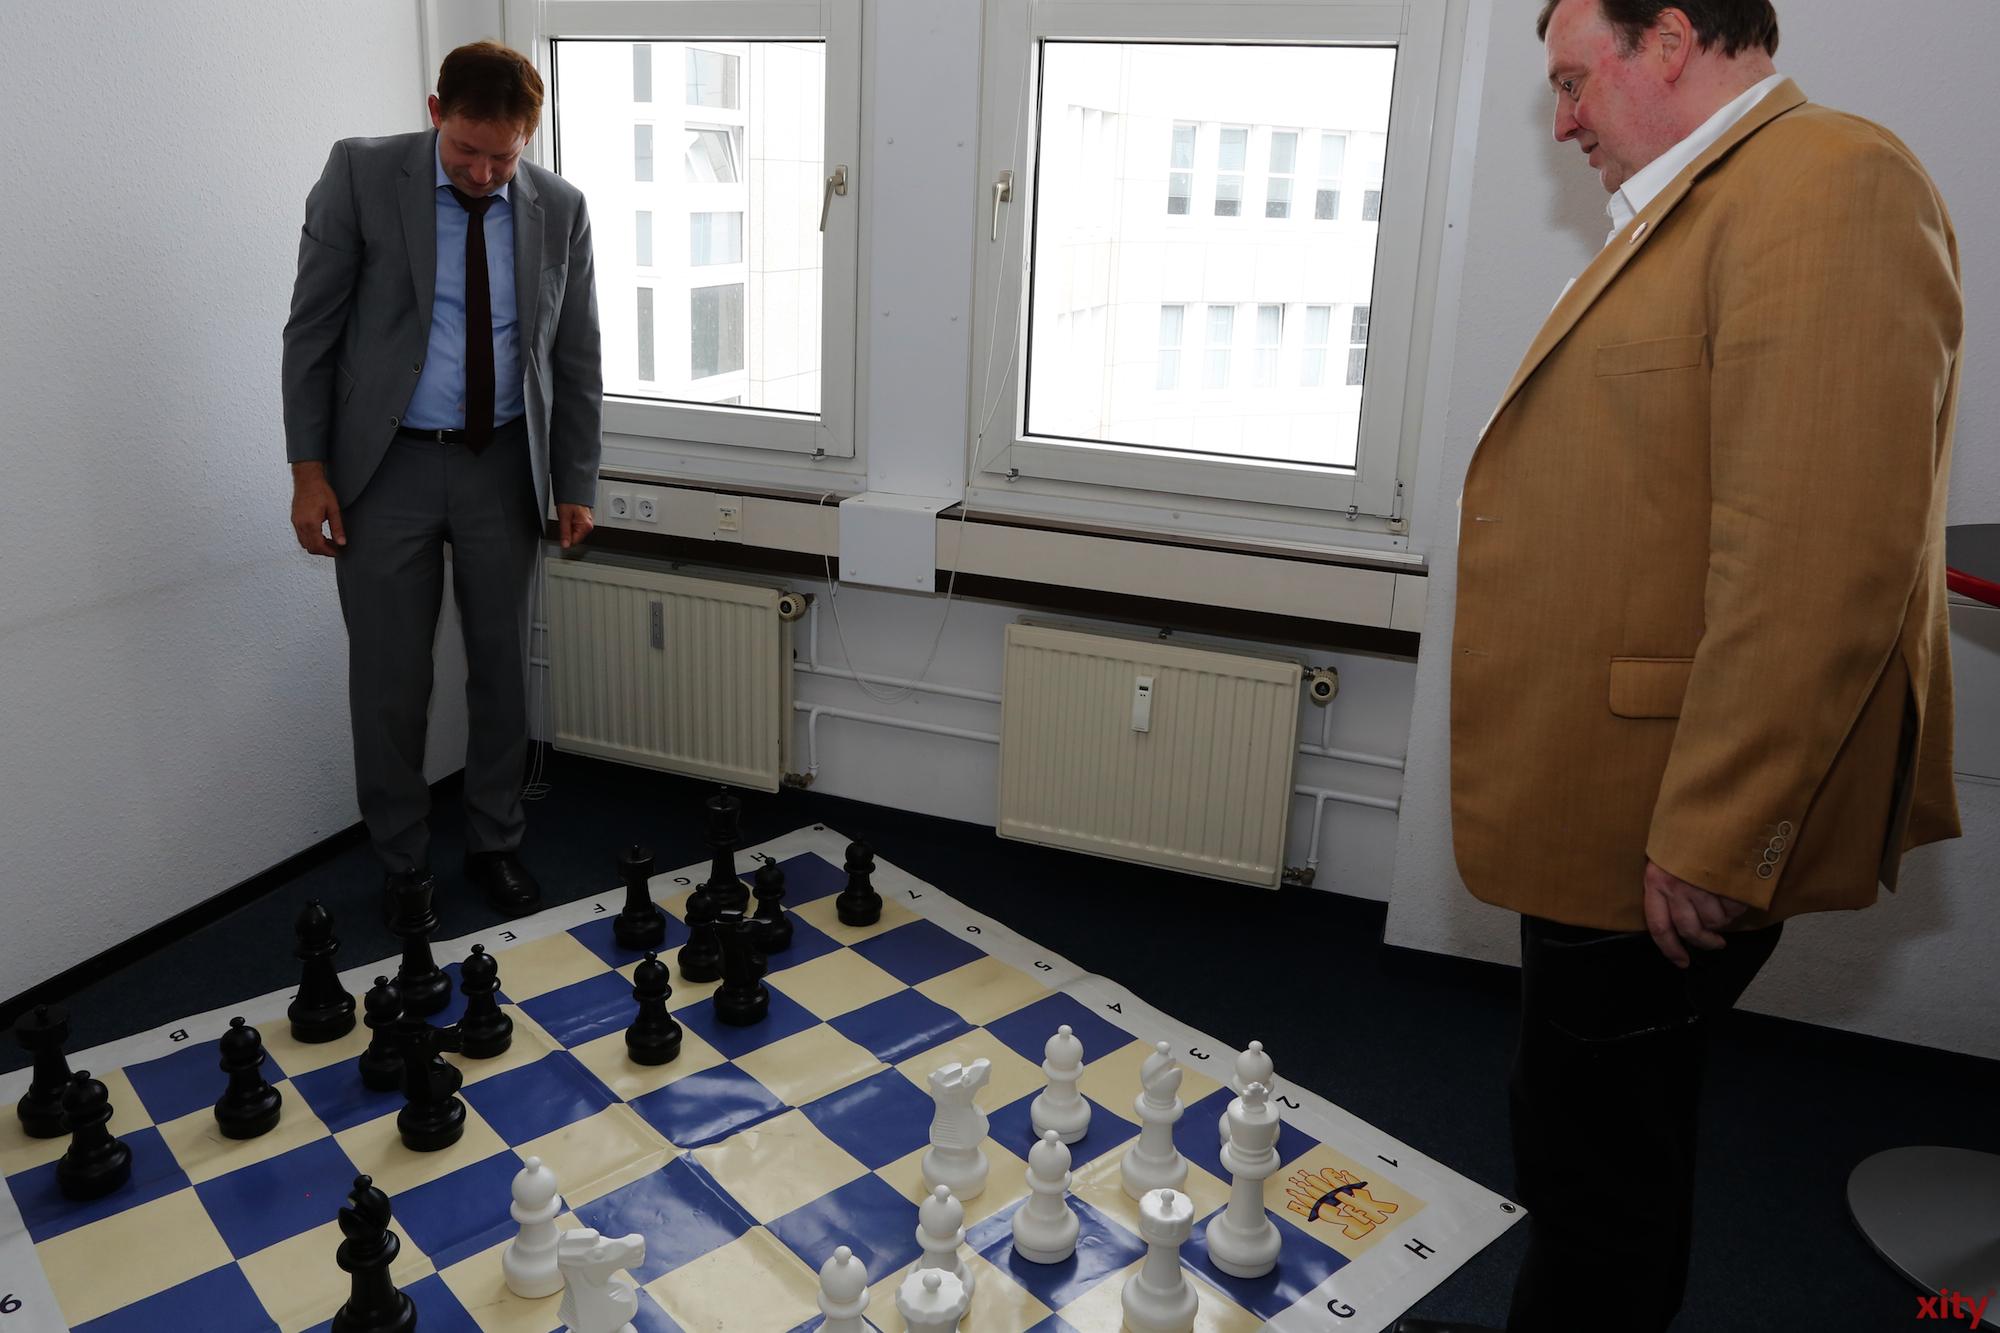 Mit so einem großen Feld macht Schach doppelt Spass(Foto: xity)